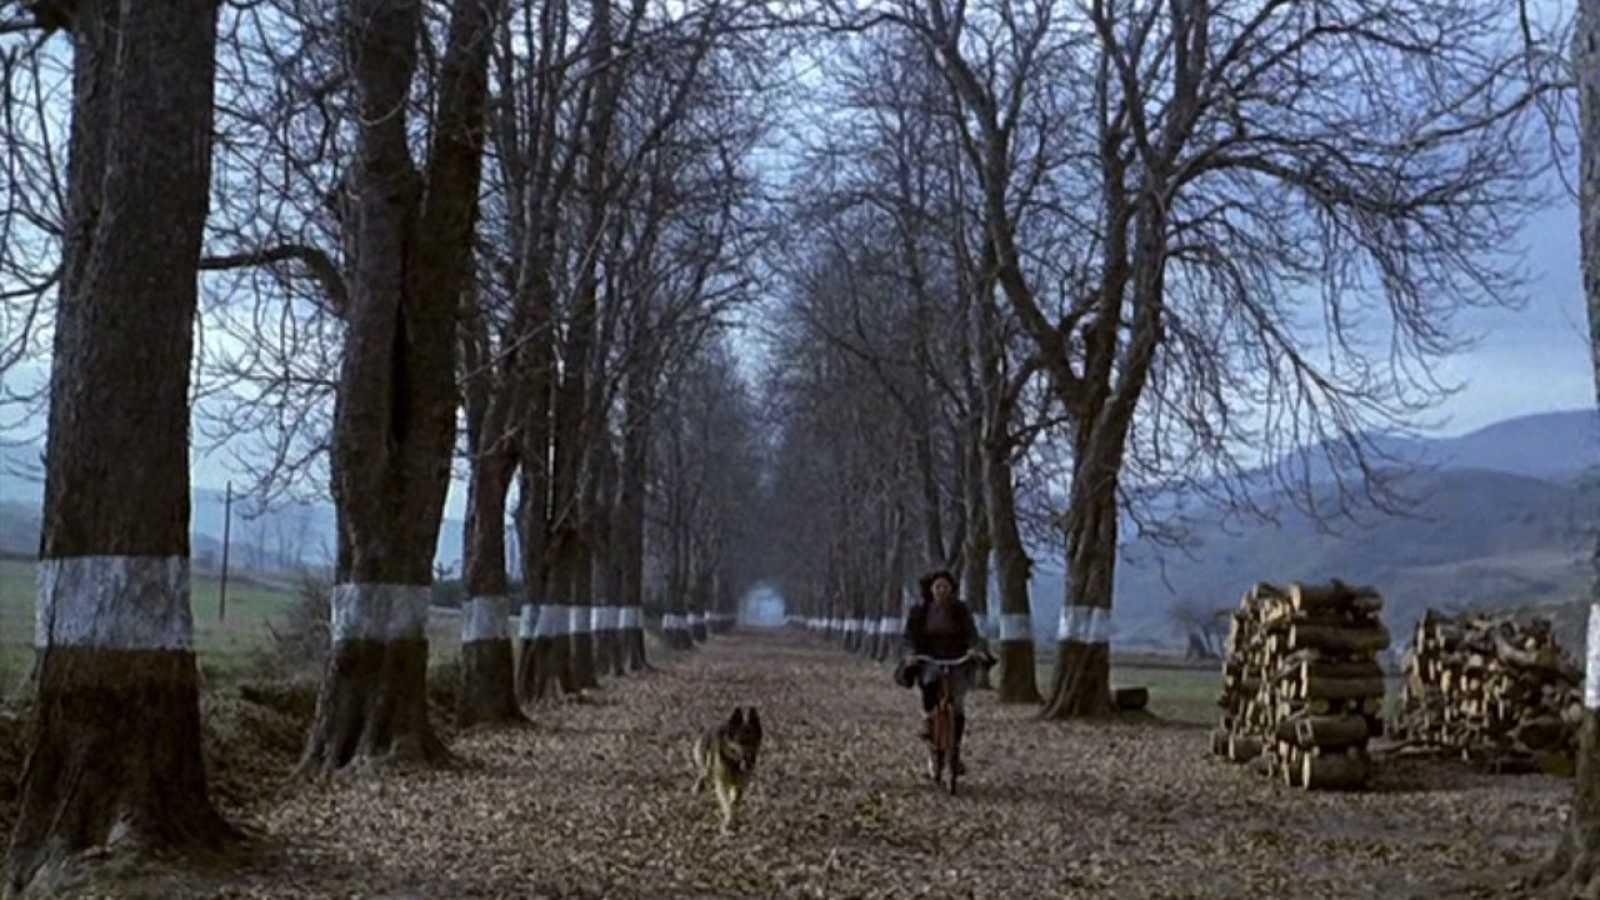 Días de cine - El momento de cine de Carlo D'Ursi: 'El sur'